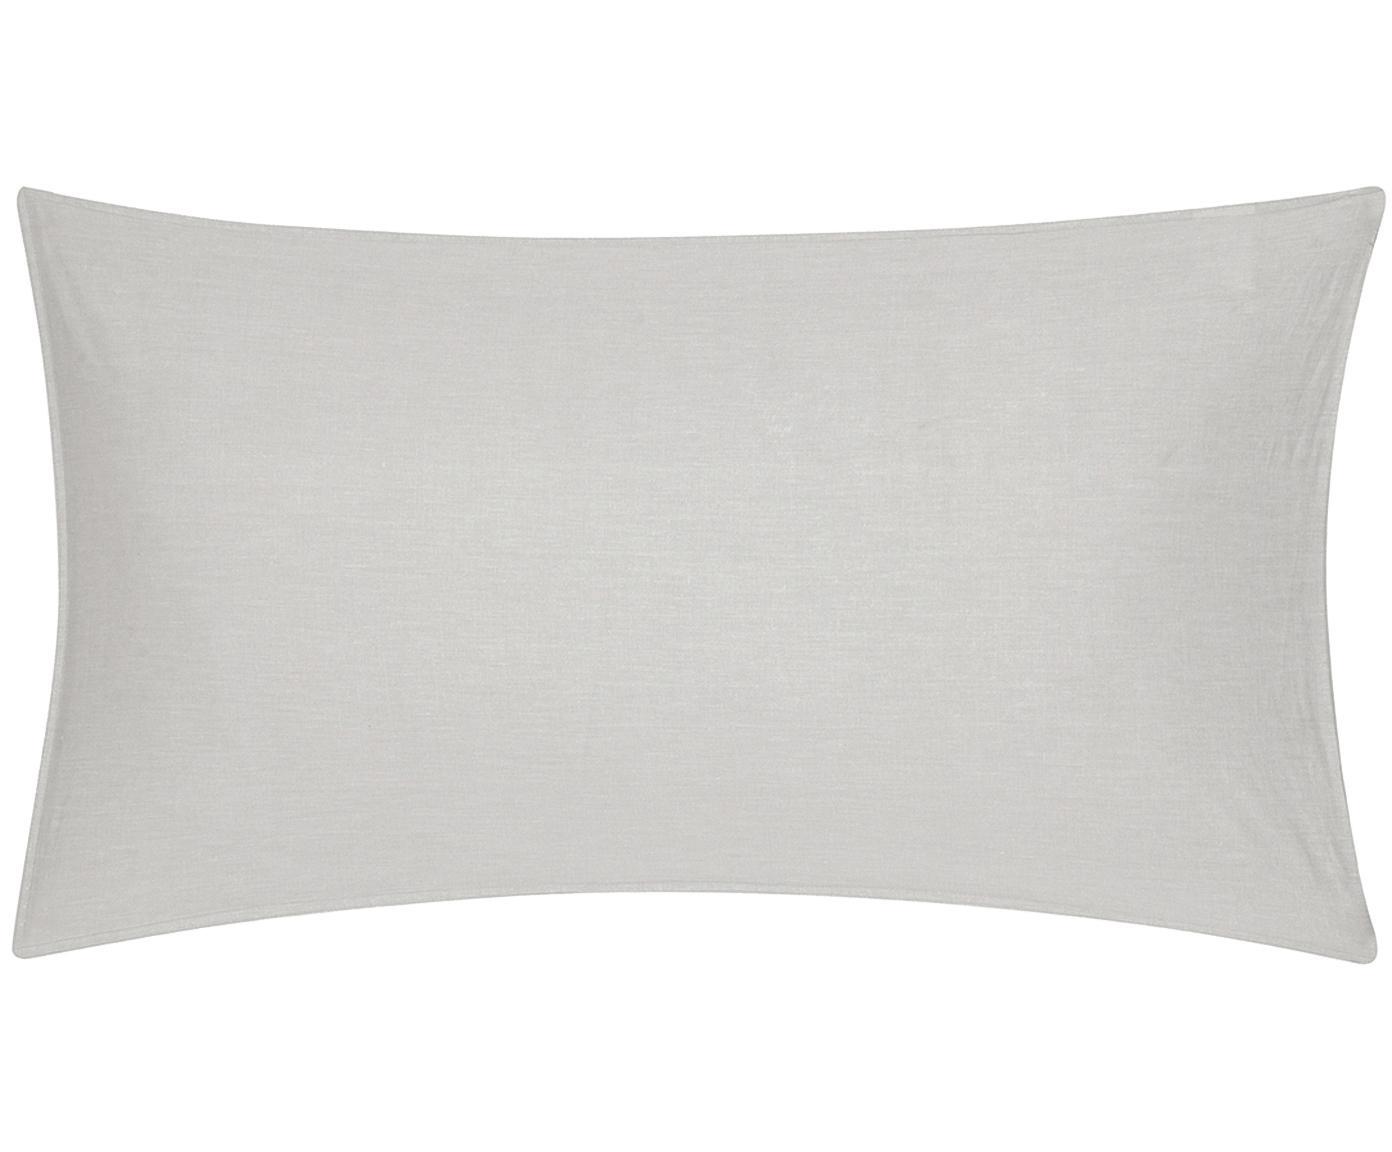 Poszewka na poduszkę z bawełny z efektem sprania Arlene, 2 szt., Jasny szarobeżowy, S 40 x D 80 cm